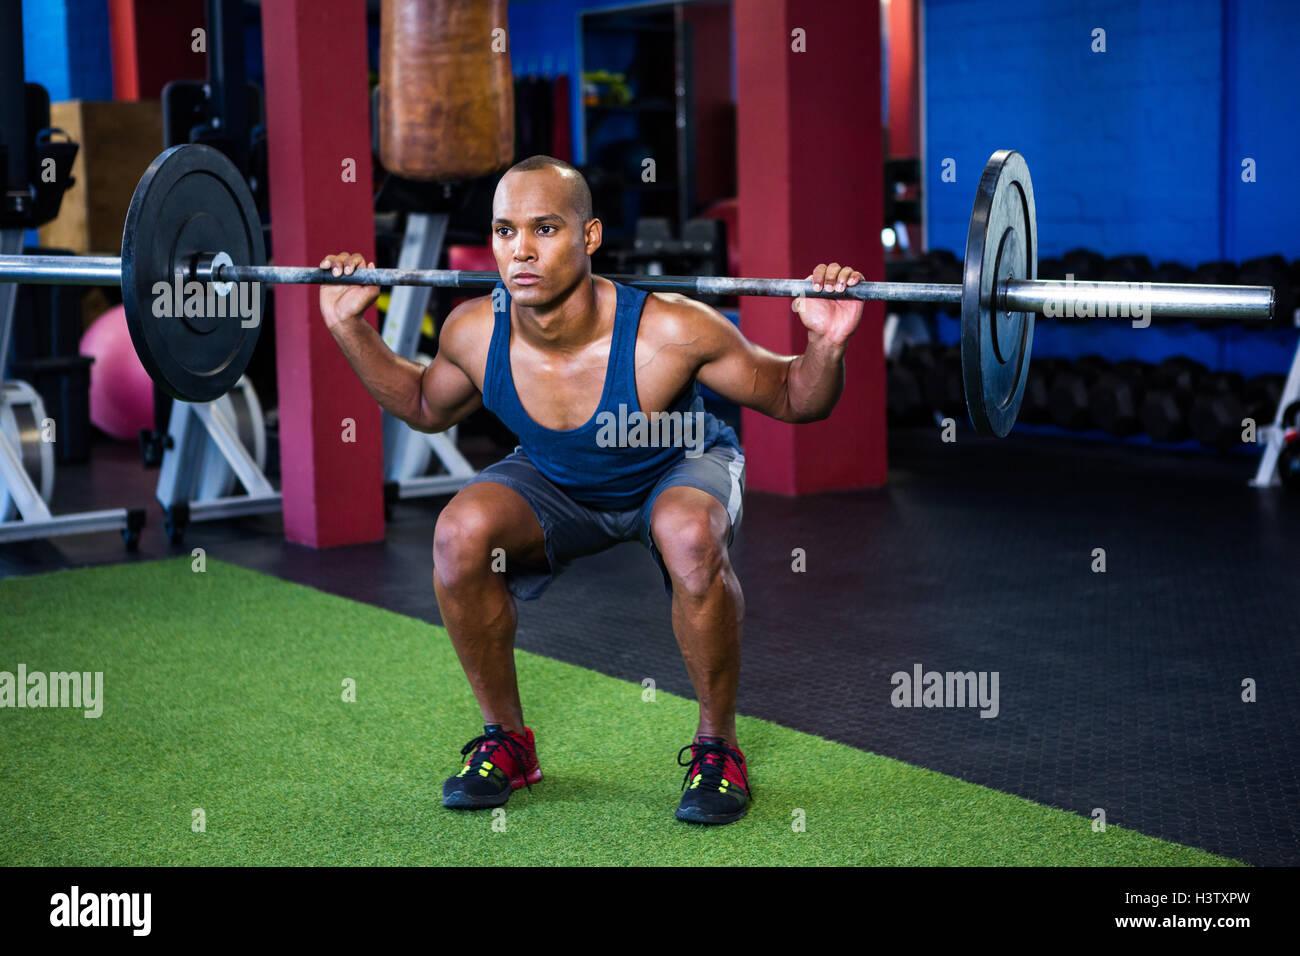 Giovane uomo il sollevamento pesi in palestra per il fitness Immagini Stock